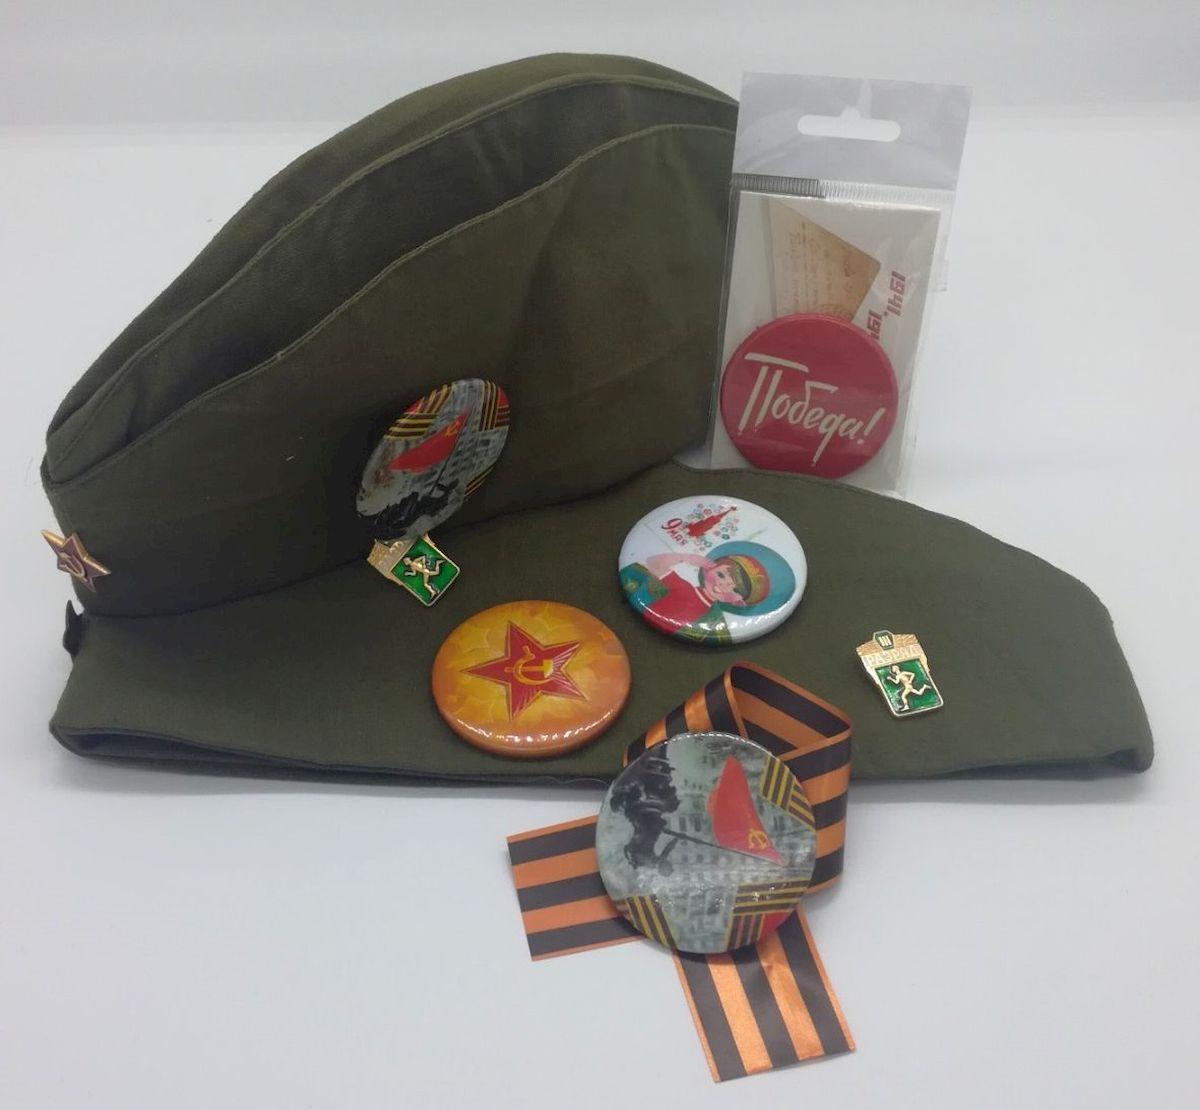 """Сувенирный комплект """"Даринчи"""" включает в себя: оригинальную пилотку, набор значков и гвардейскую ленточку. Значки выполнены из нержавеющей стали."""